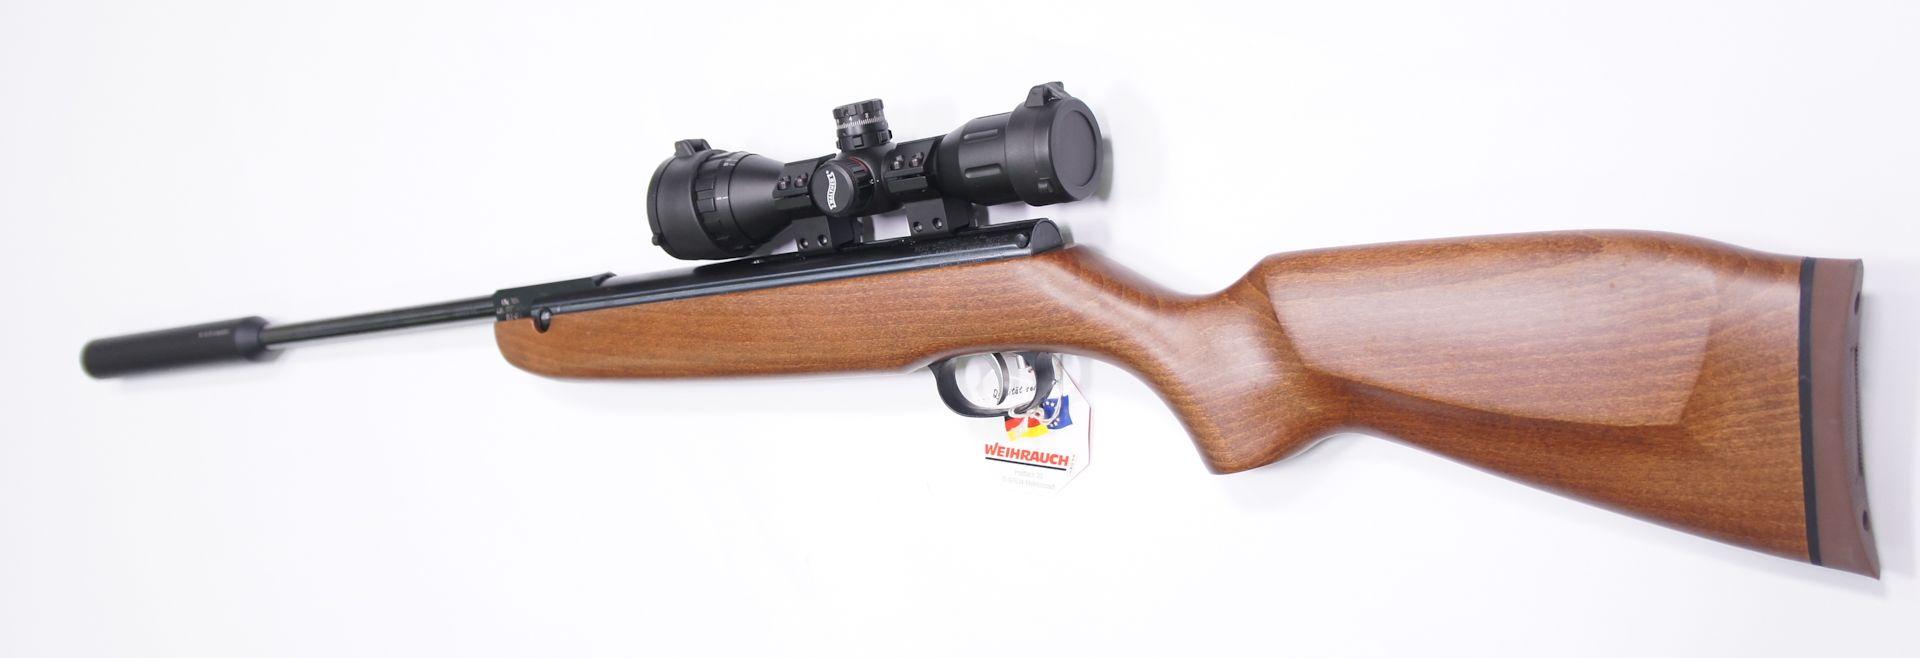 Diese Optik der Marke Walther wäre zum HW 80 K eine hervorragende Ergänzung. Gerne können Sie <a href=1130130set77-45.htm>so eine Optik am Gewehr von mir montiert und eingeschossen</a> erhalten.